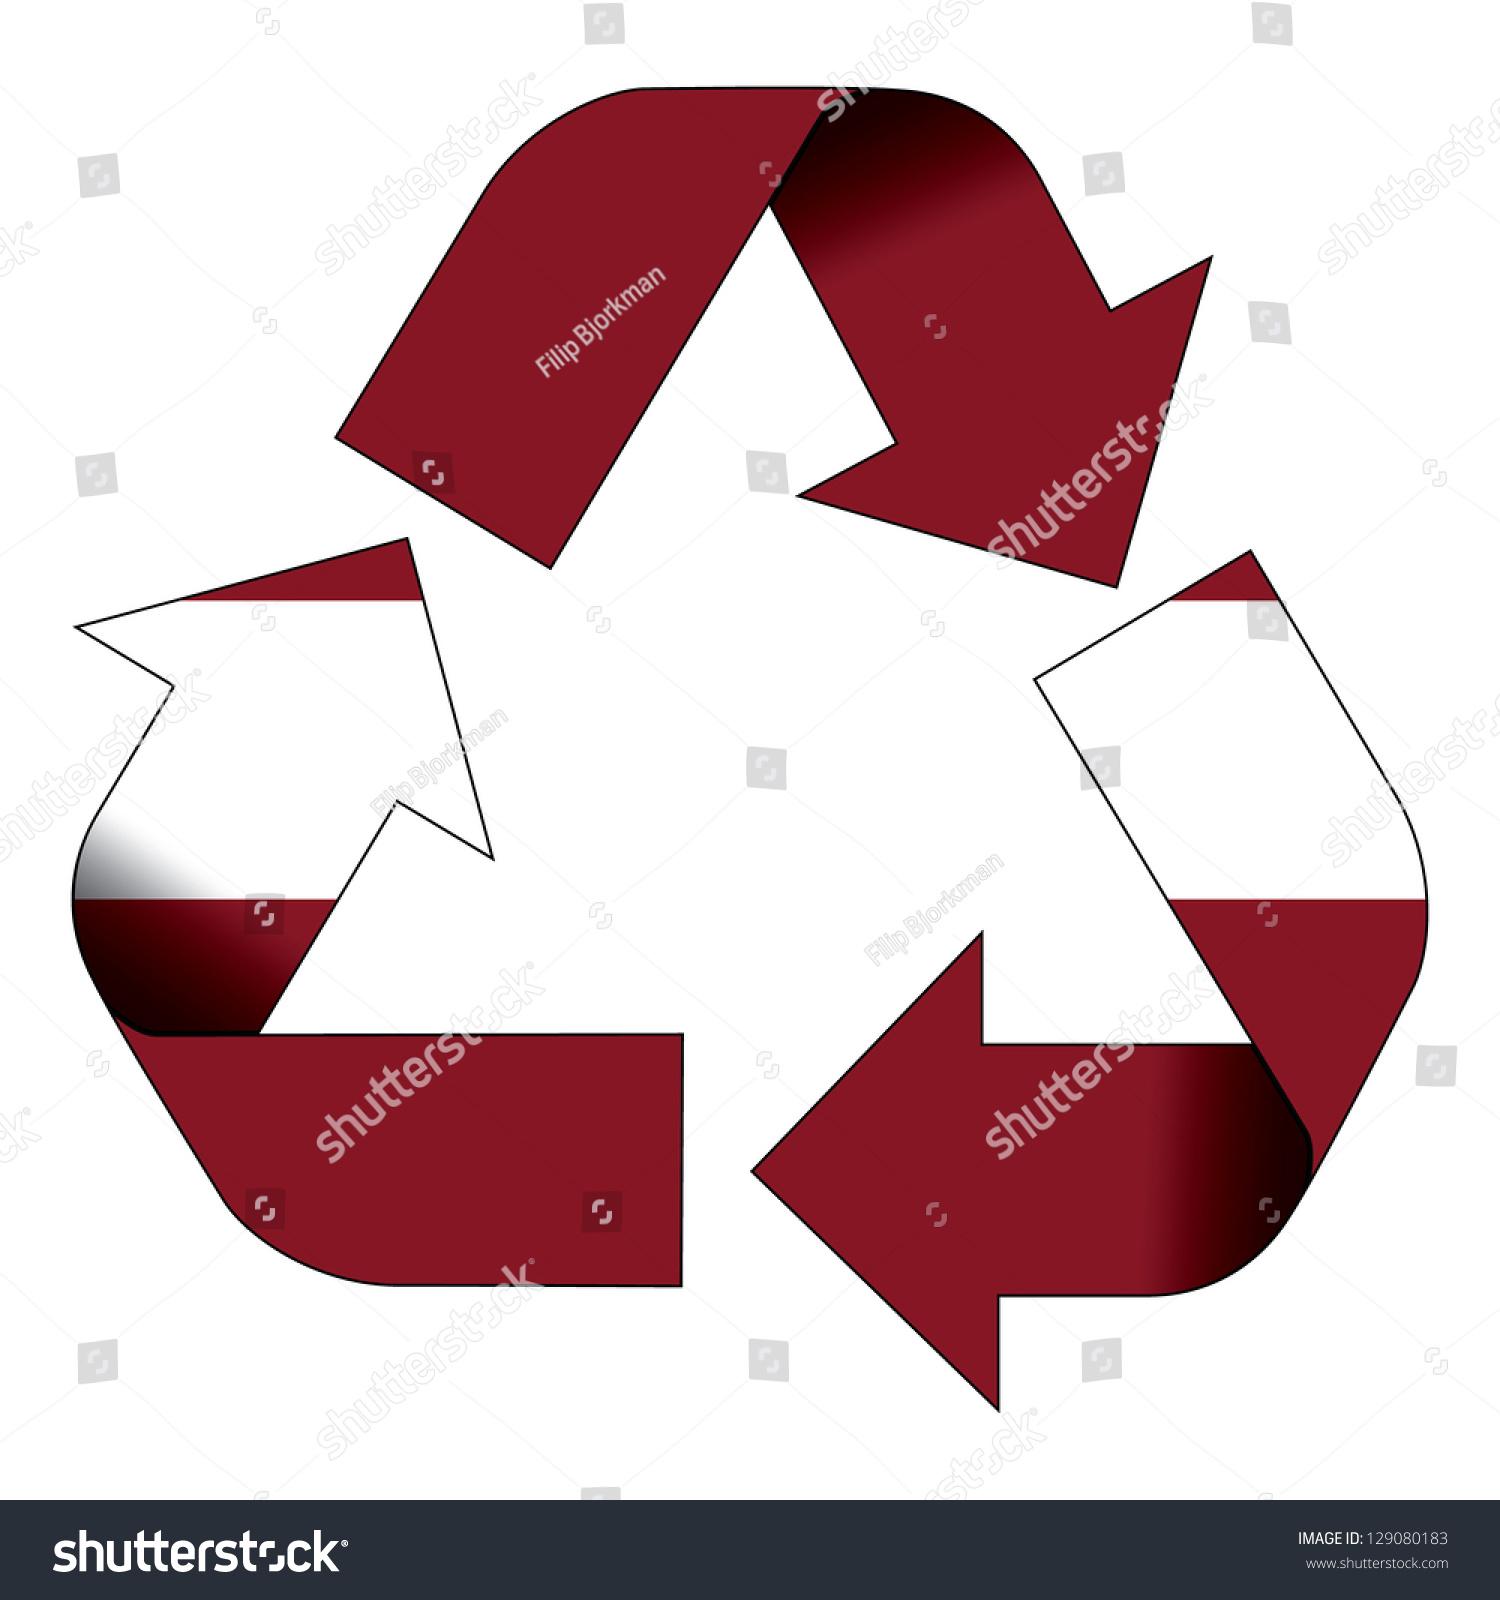 Recycle symbol flag latvia stock illustration 129080183 shutterstock recycle symbol flag of latvia buycottarizona Choice Image